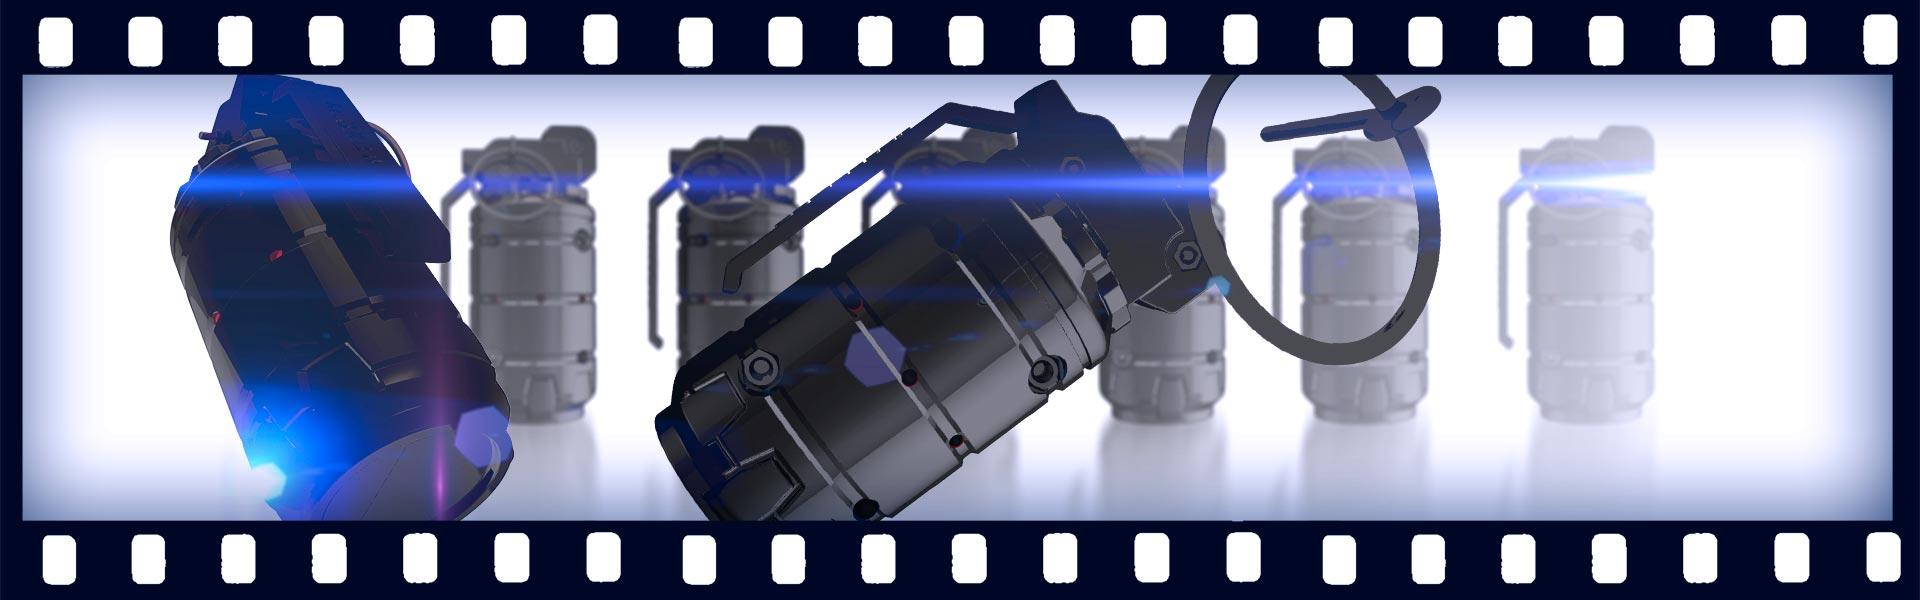 Пояснительная графика о лазертаг-гранате производства ООО «Лазертаг»